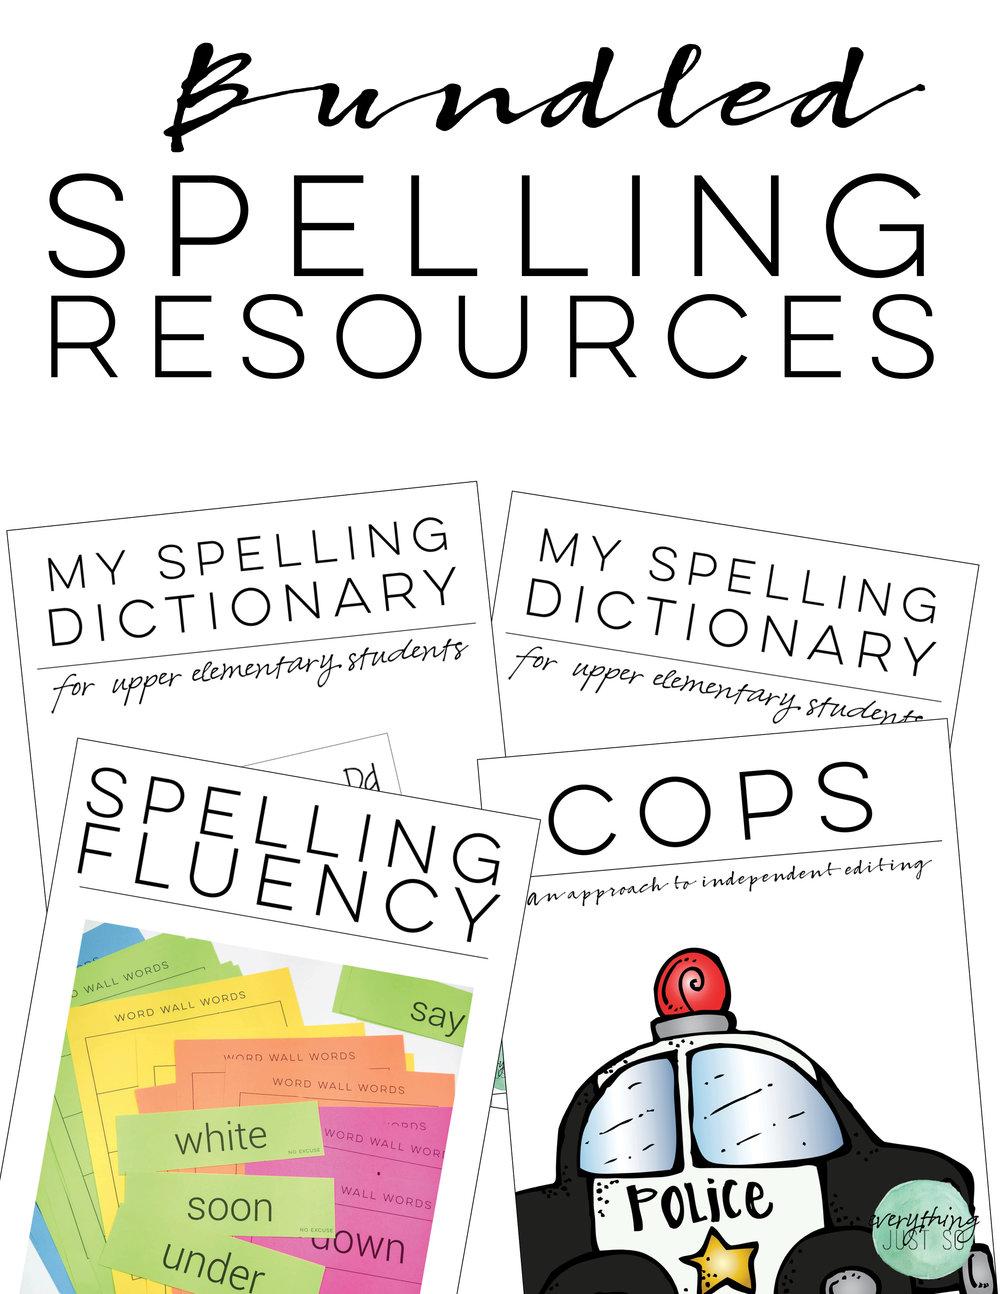 Spelling Resources Bundle | shopeverythingjustso.org